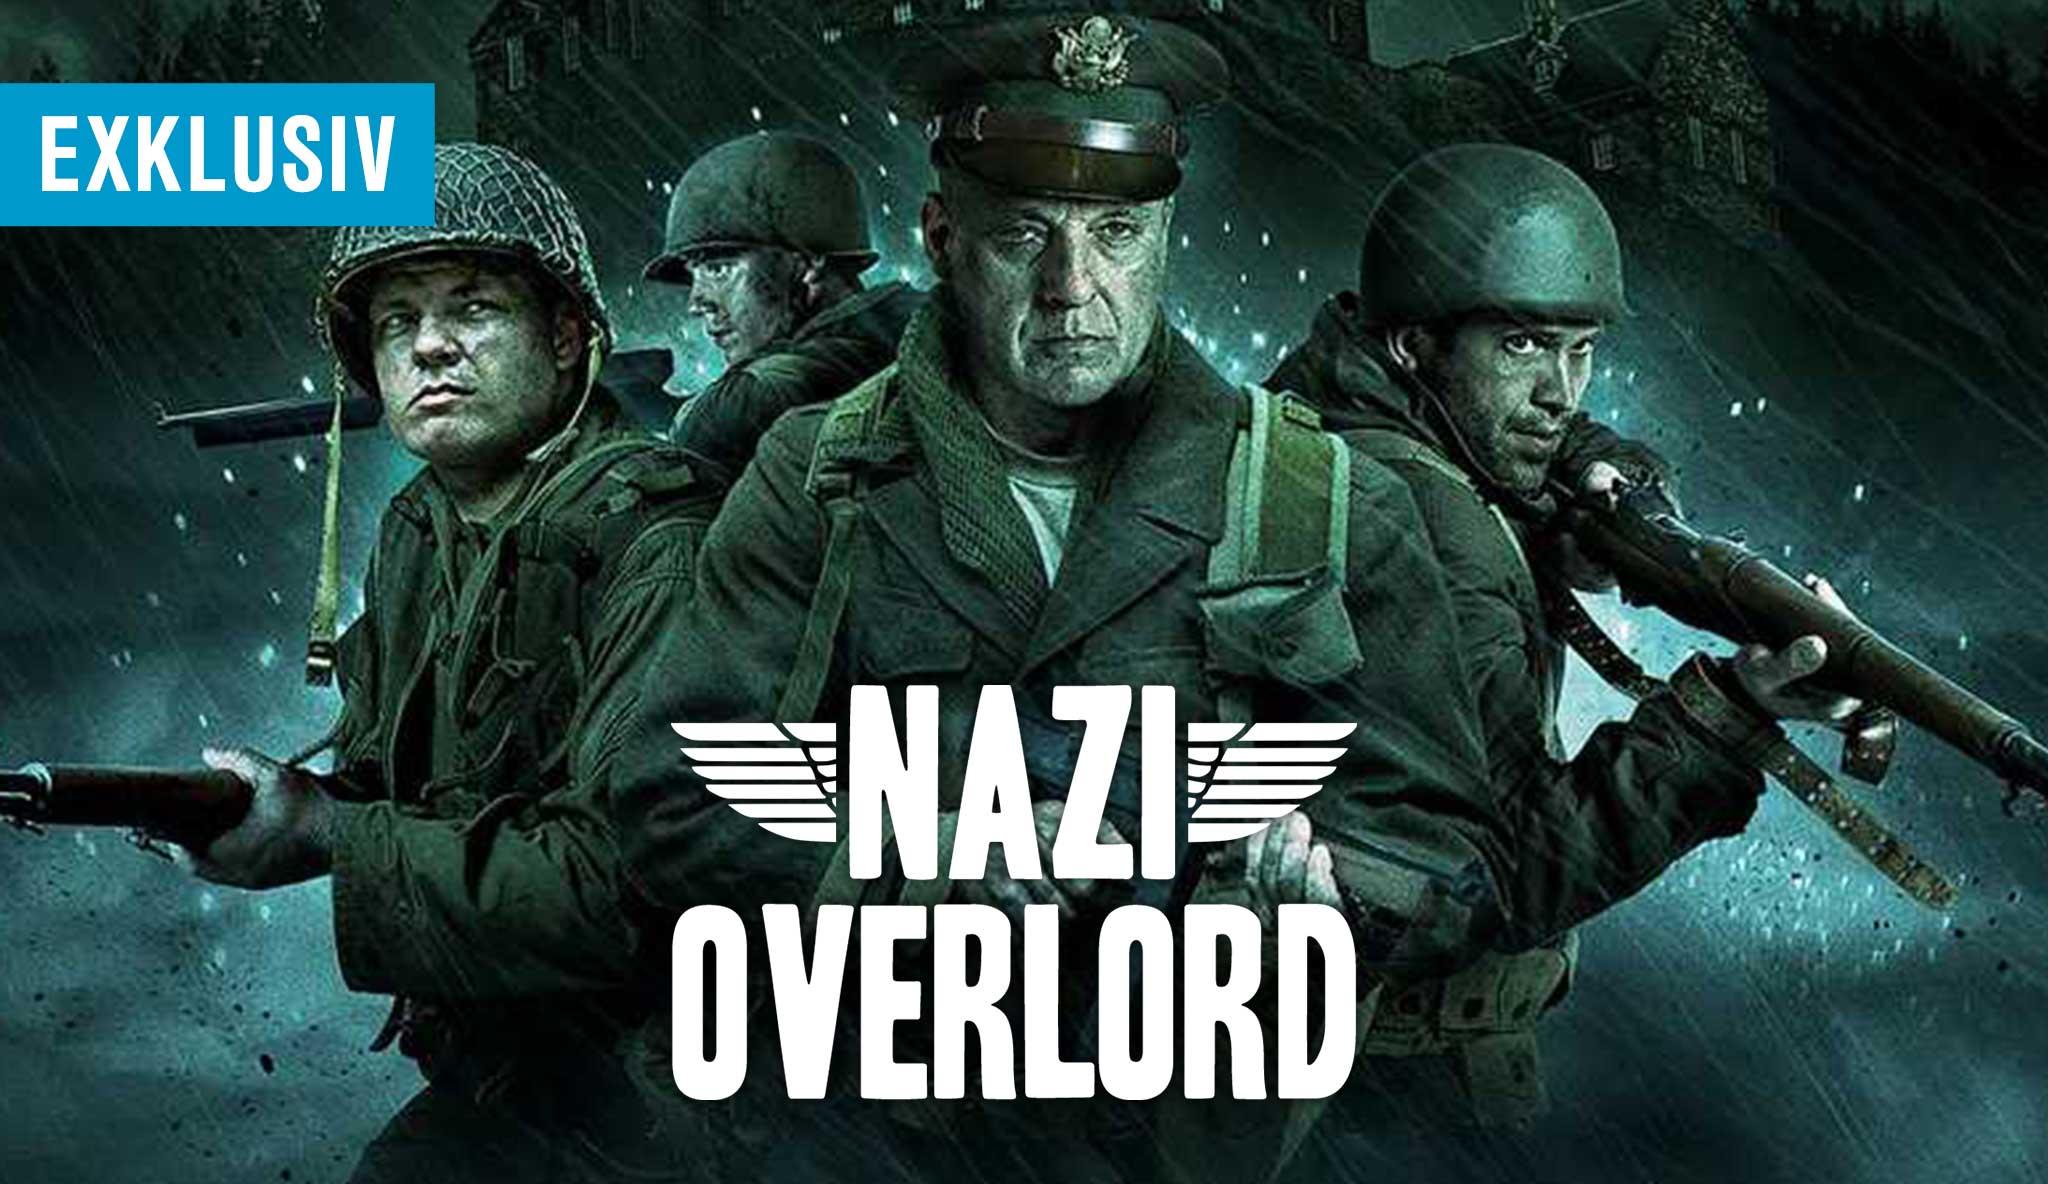 nazi-overlord\header.jpg